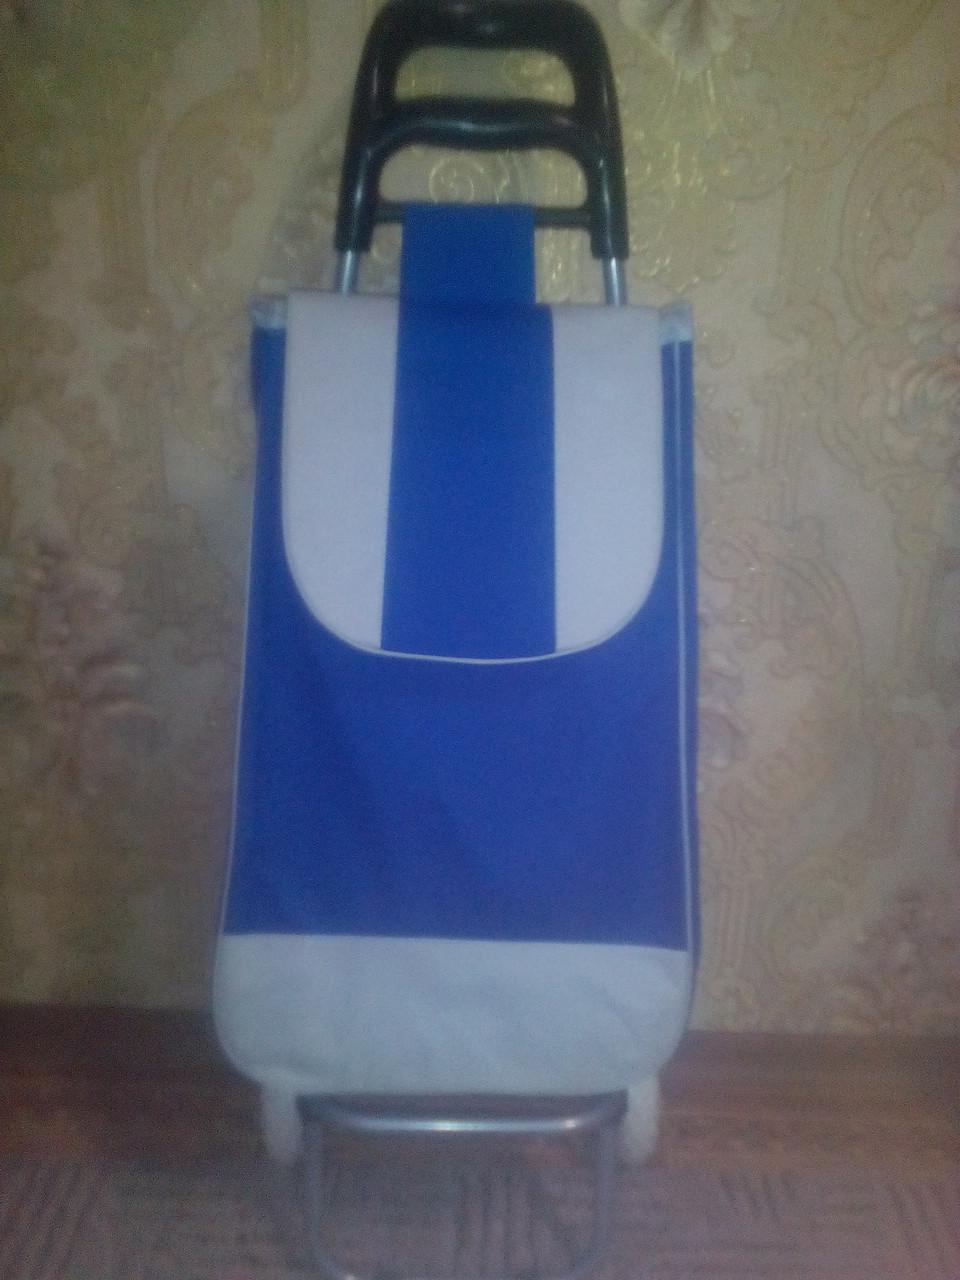 Тележка хозяйственная с прочной синей сумкой